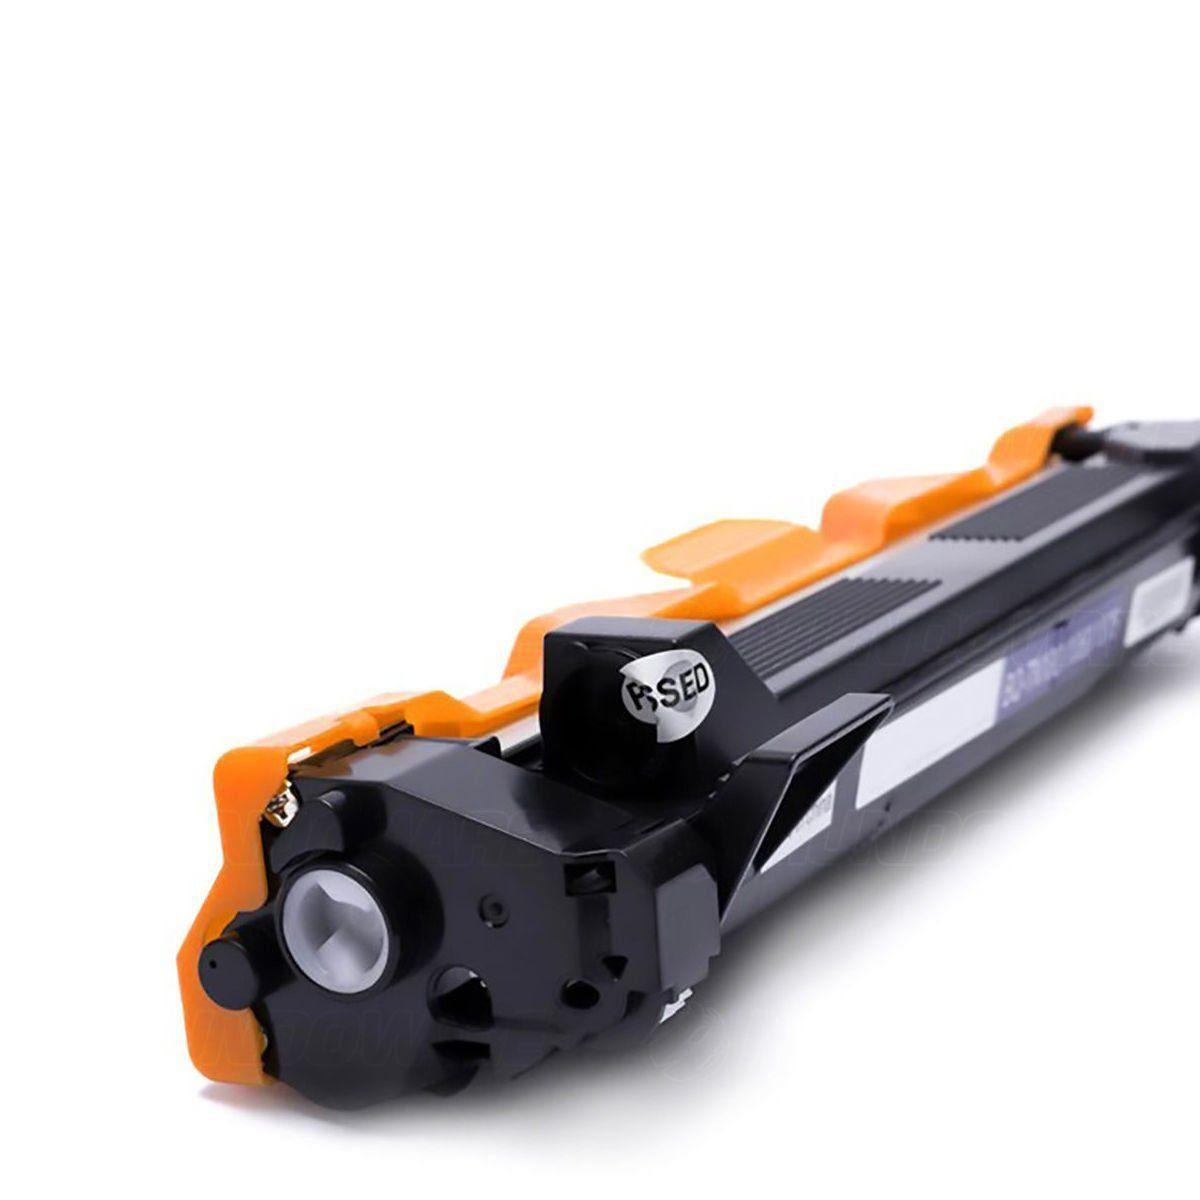 Compatível: Toner para impressora Brother DCP-1617nw DCP-1617 DCP1617nw DCP1617 / Preto / 1.000